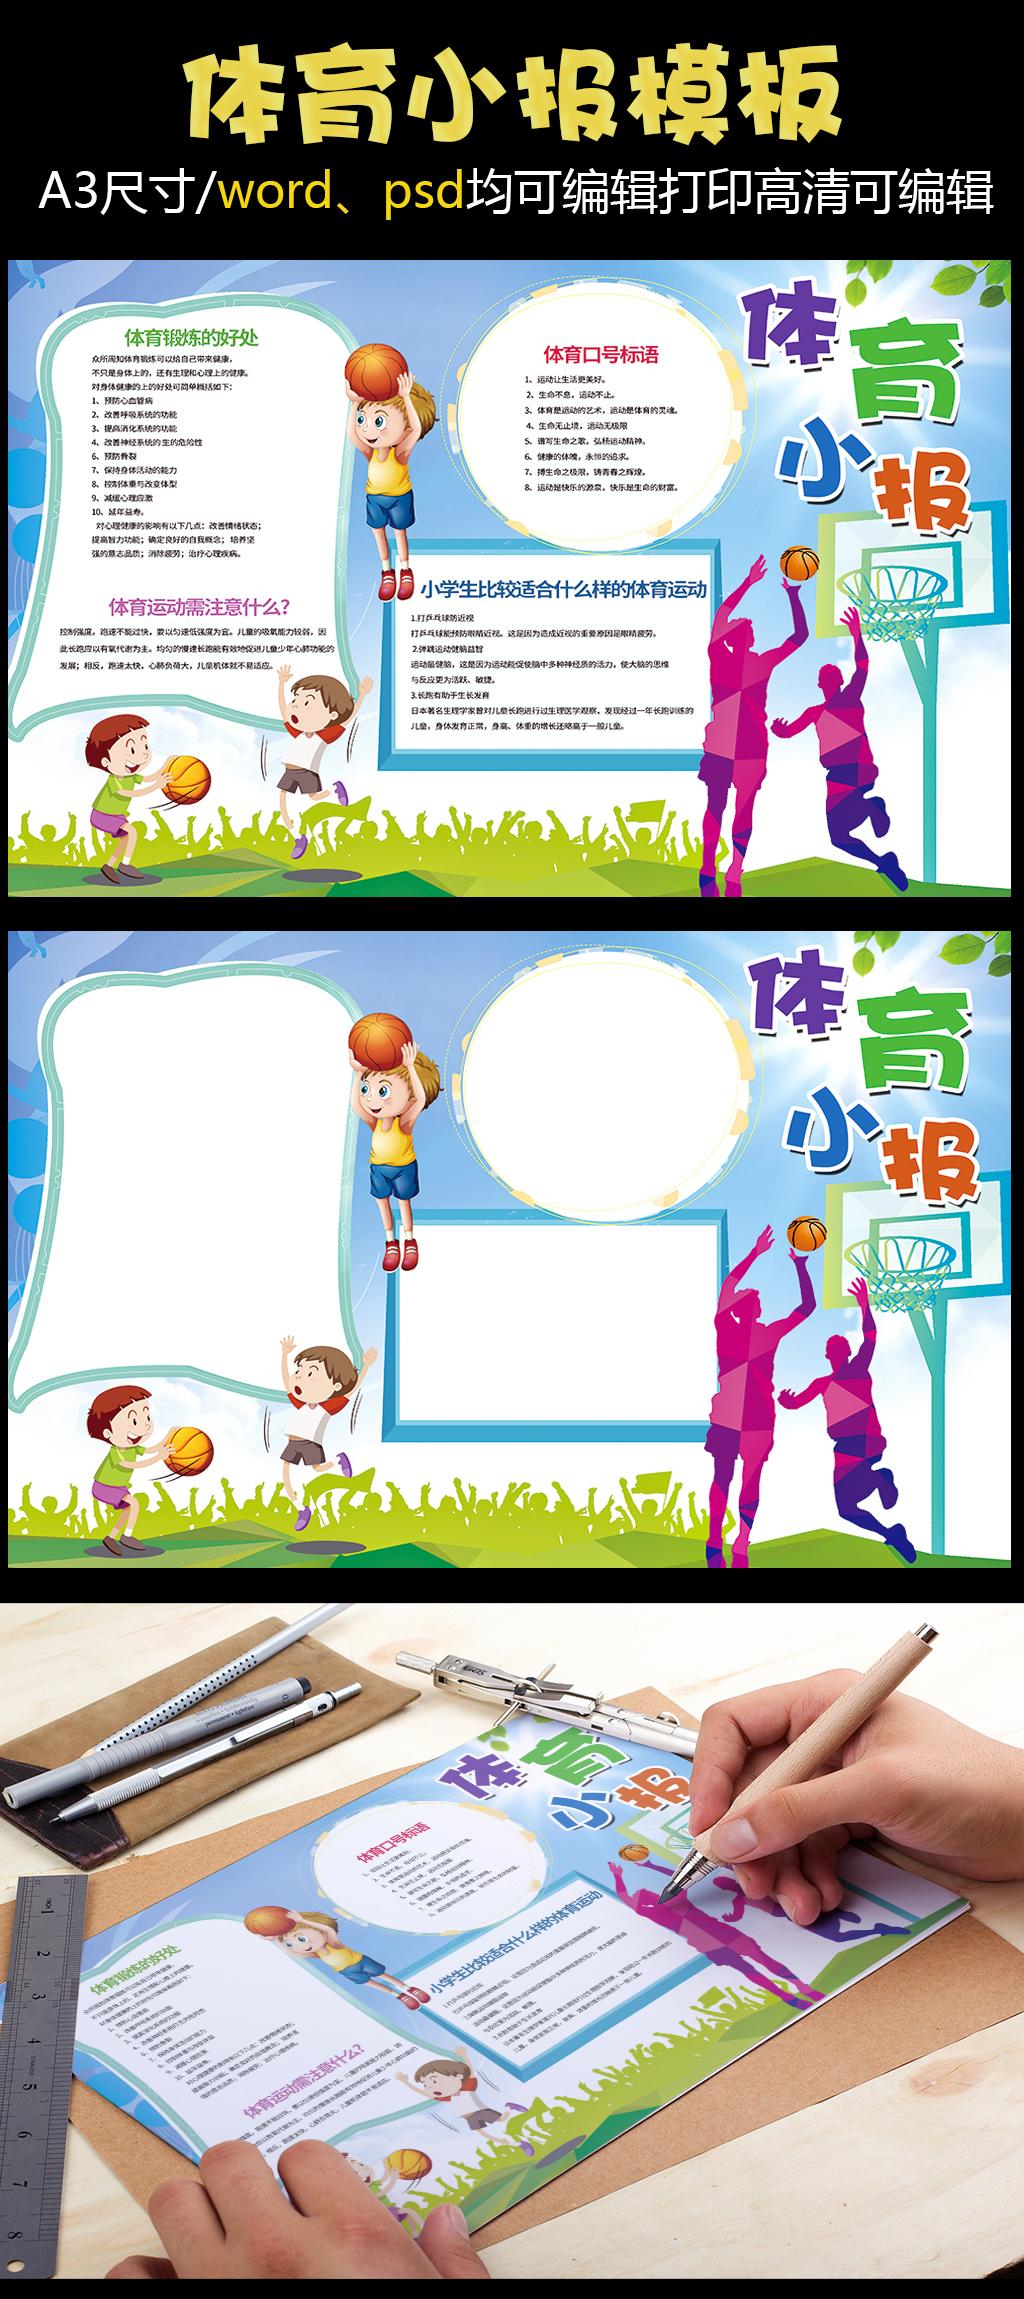 体育小报篮球小报背景花边模板